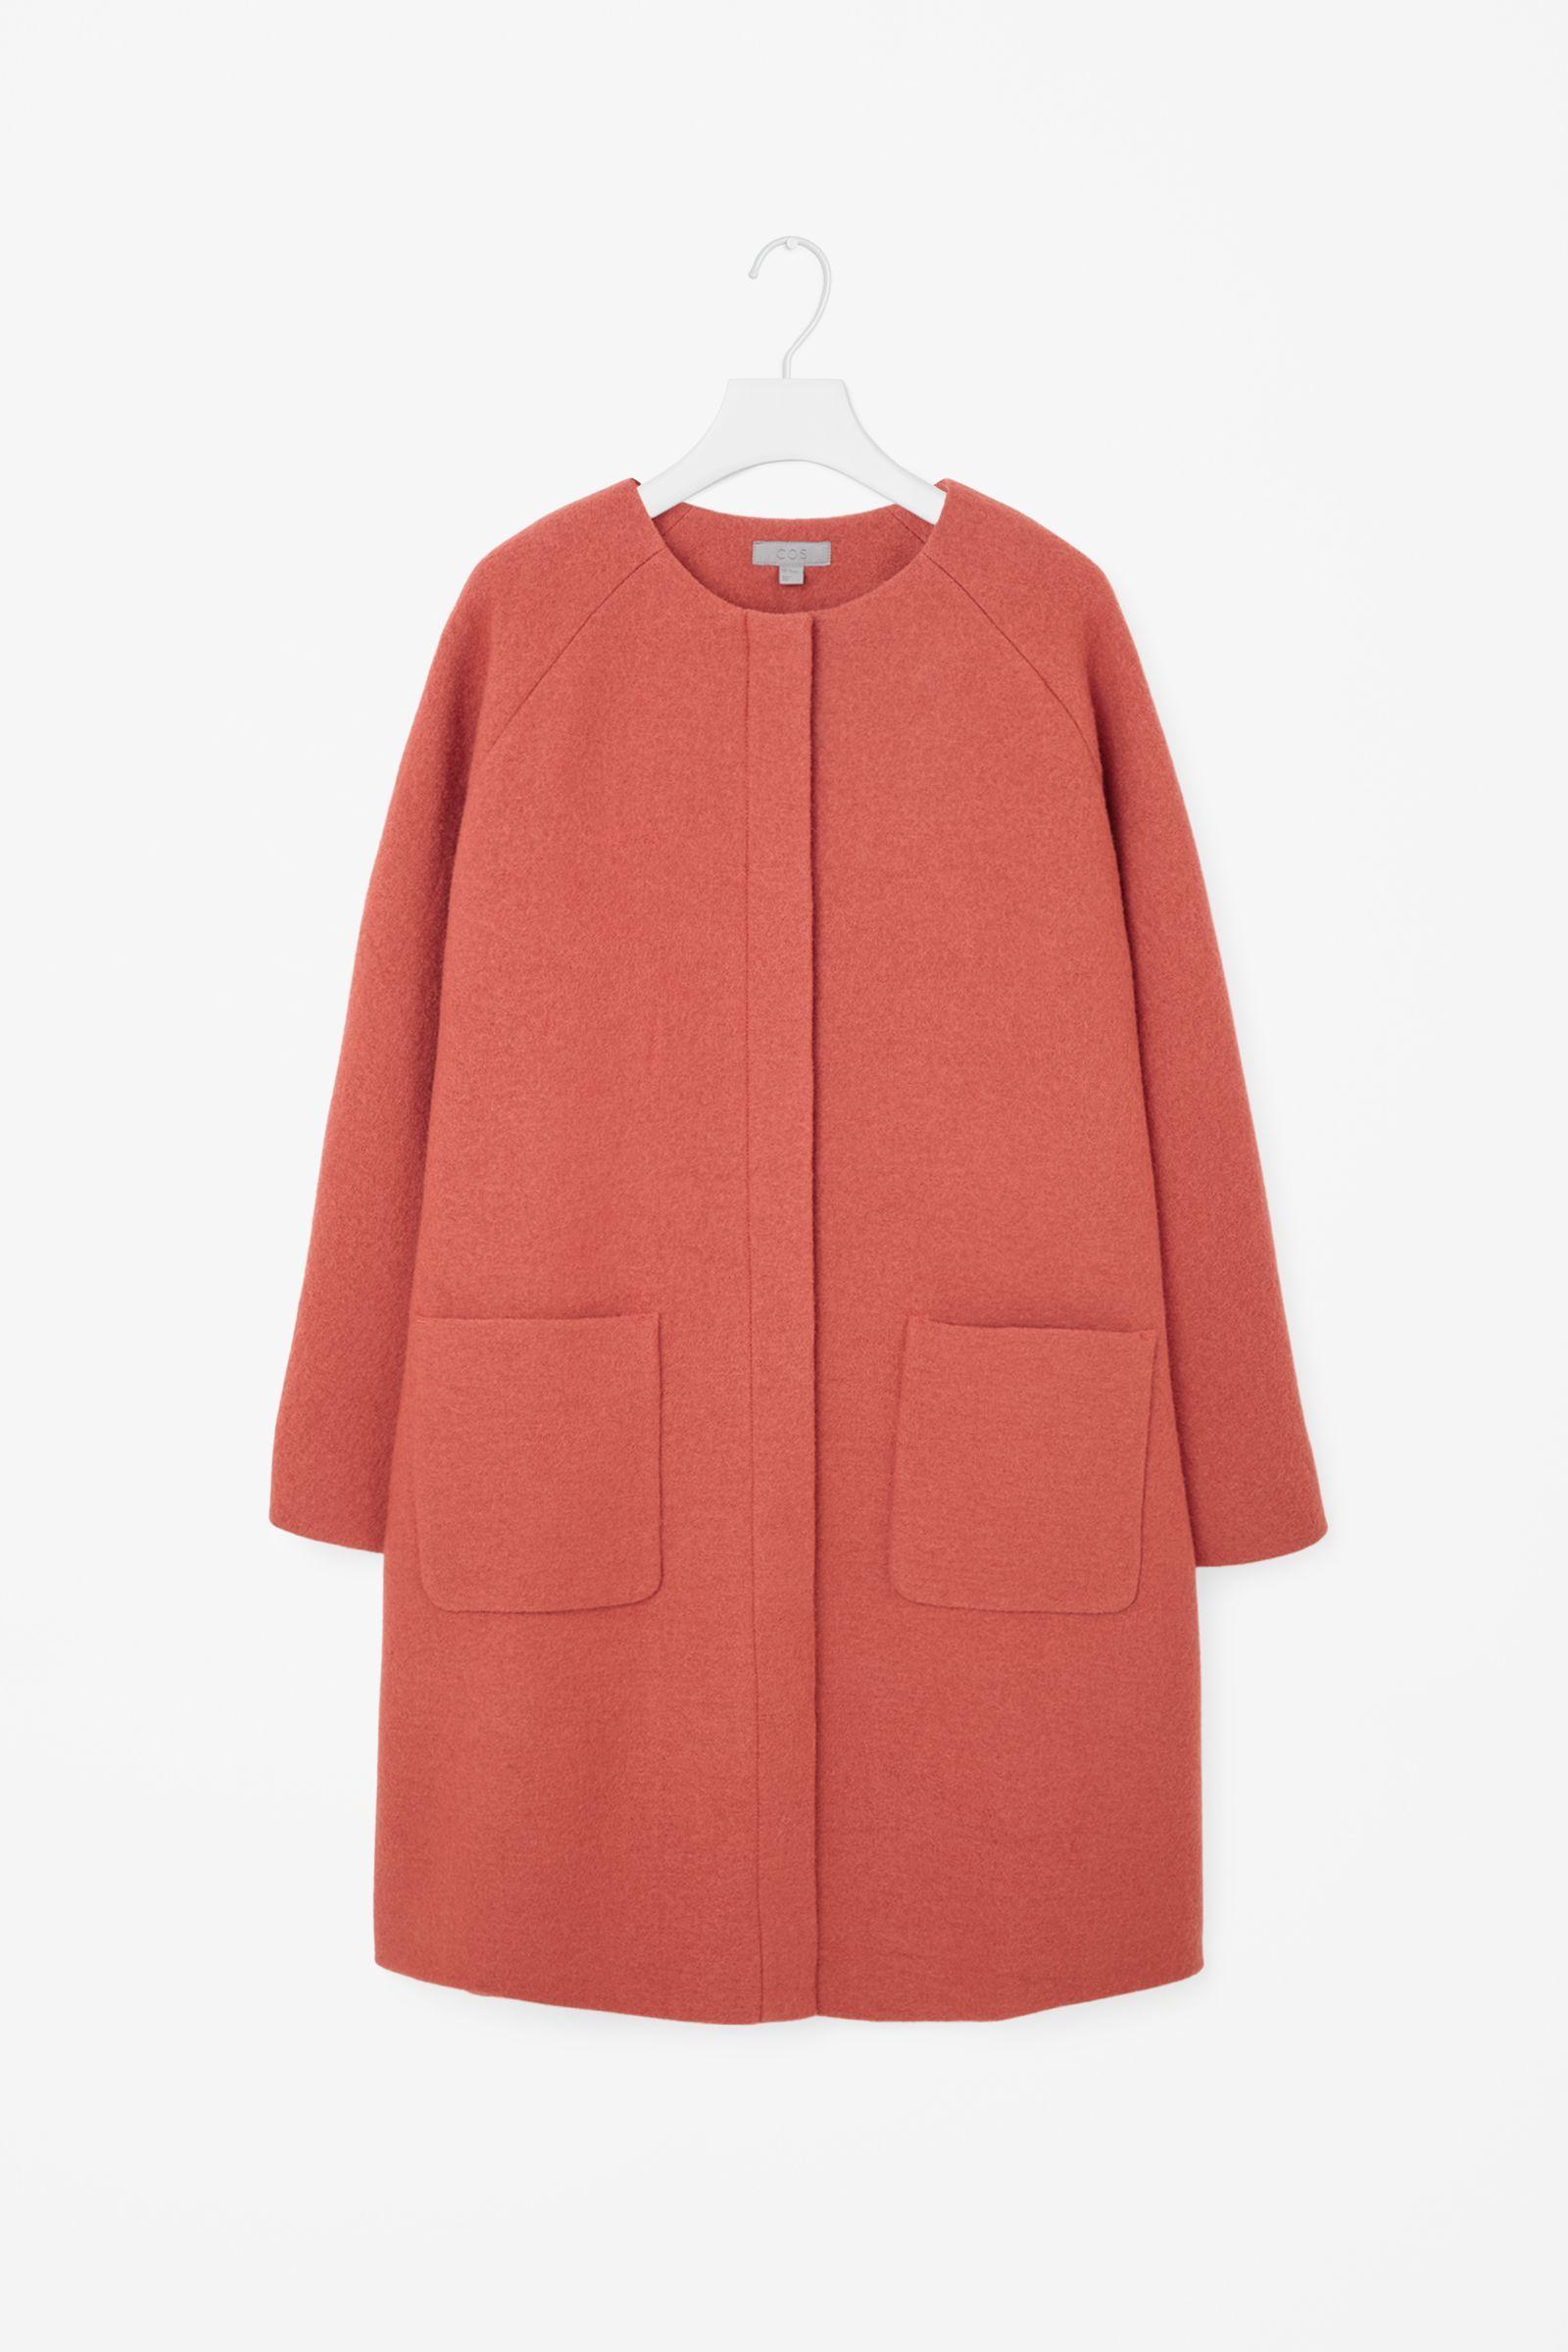 """<p>Cos A-line Wool Coat, $250; <a href=""""http://www.cosstores.com/us/Women/Coats_Jackets/A-line_wool_coat/46891-17789733.1#c-15133319"""">cosstores.com</a> </p>"""